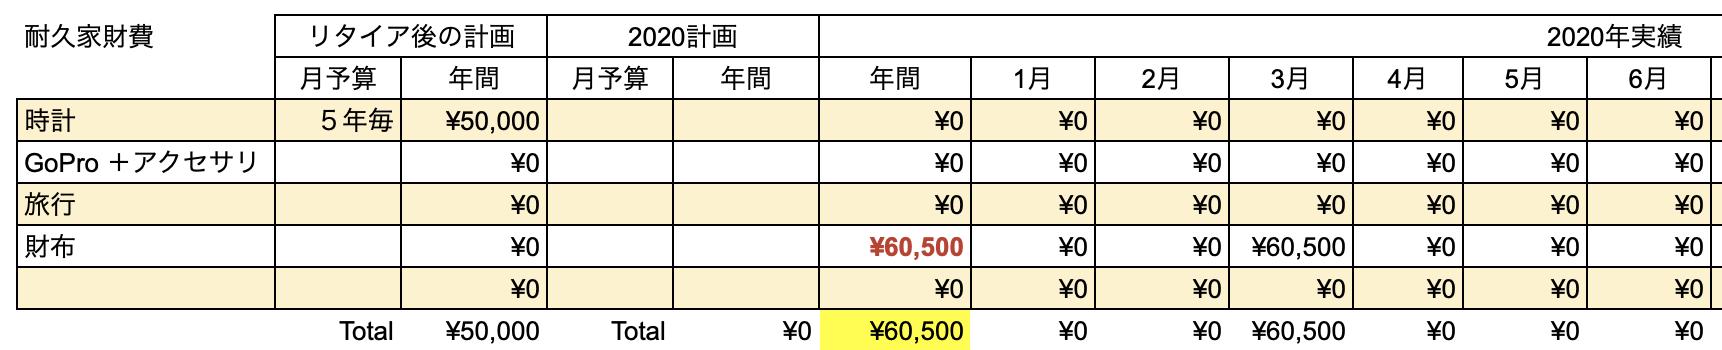 支出実績2020_06月_耐久家財費